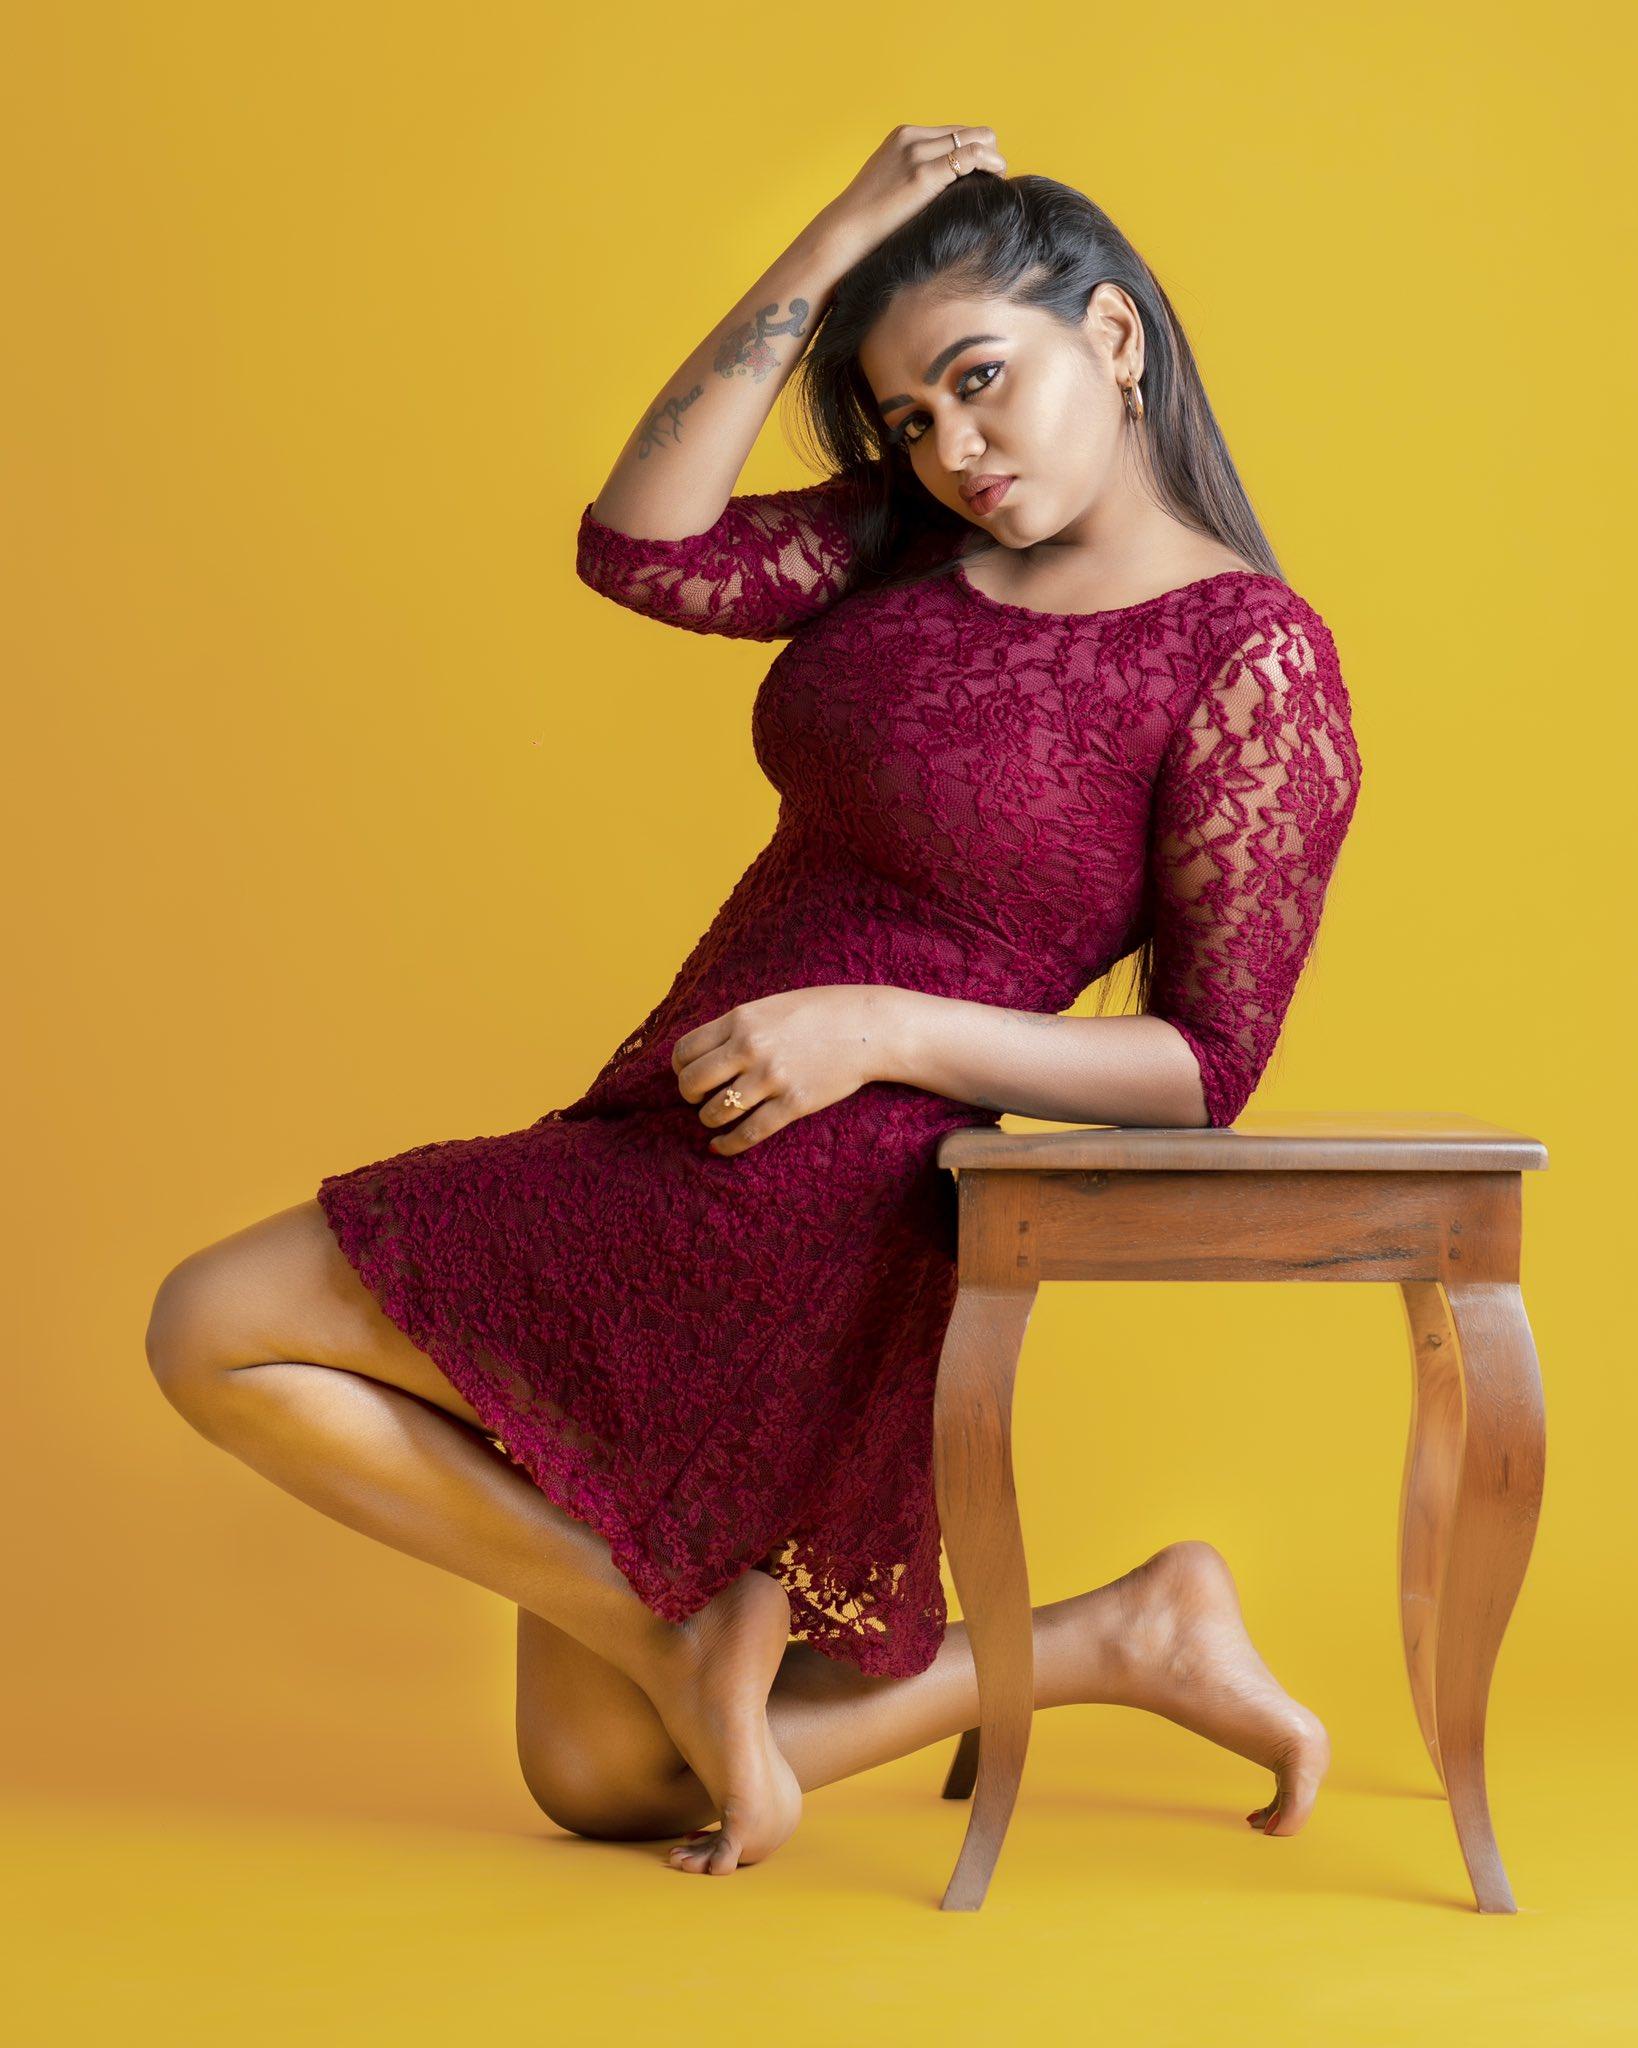 Shalu Shamu Red Dress Photos